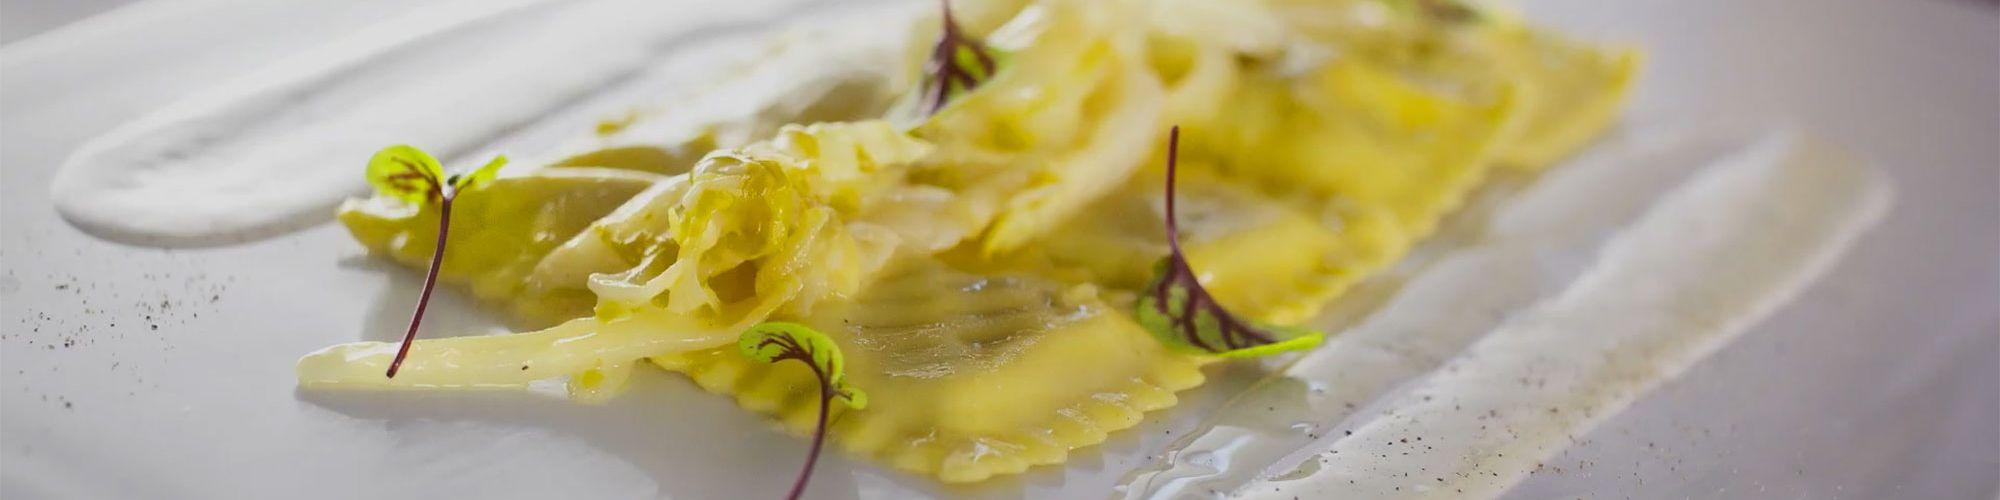 ricetta Ravioloni ai porcini, crema al taleggio e indivia belga brasata con pasta fresca